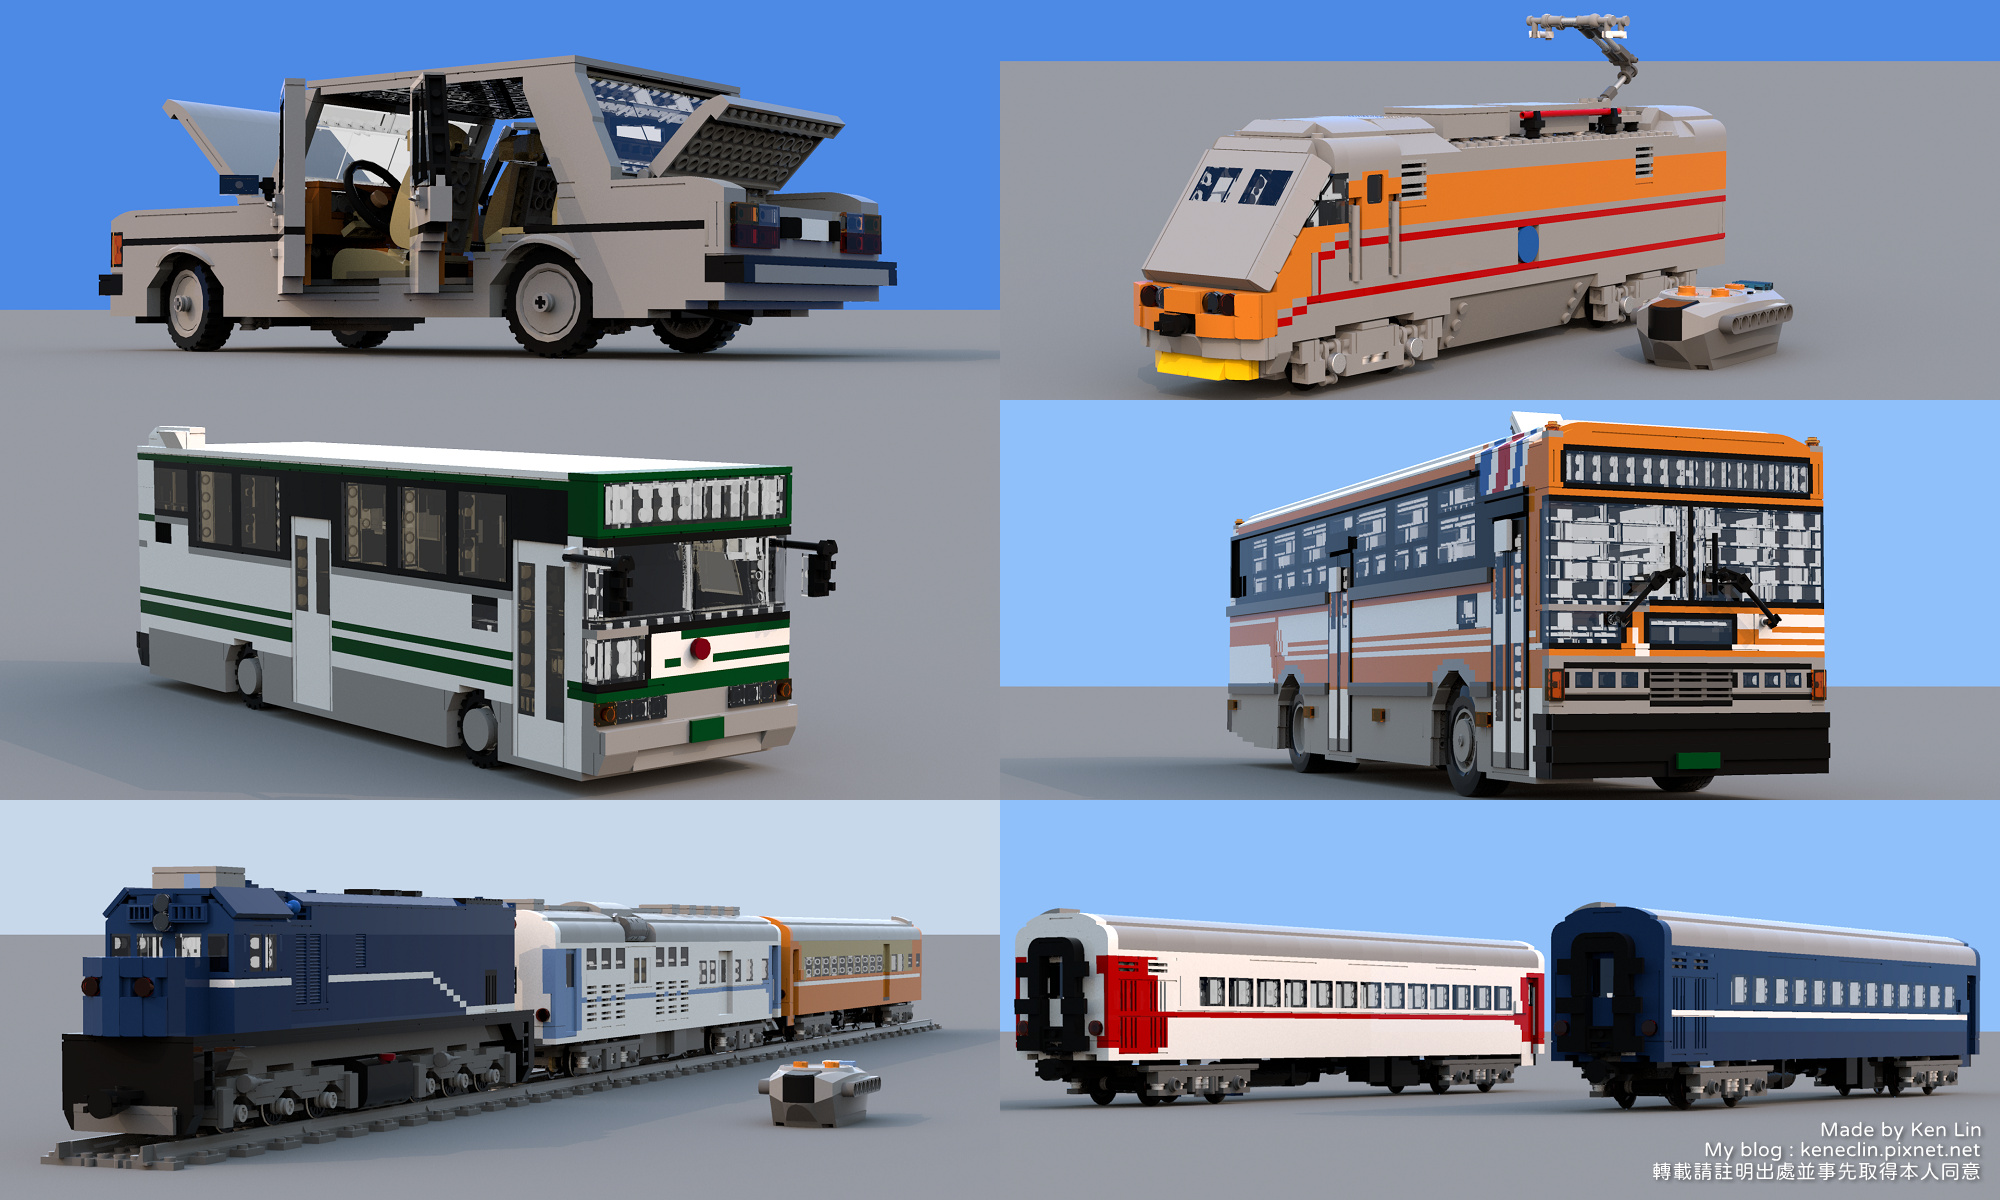 去年暑假時做的幾台火車